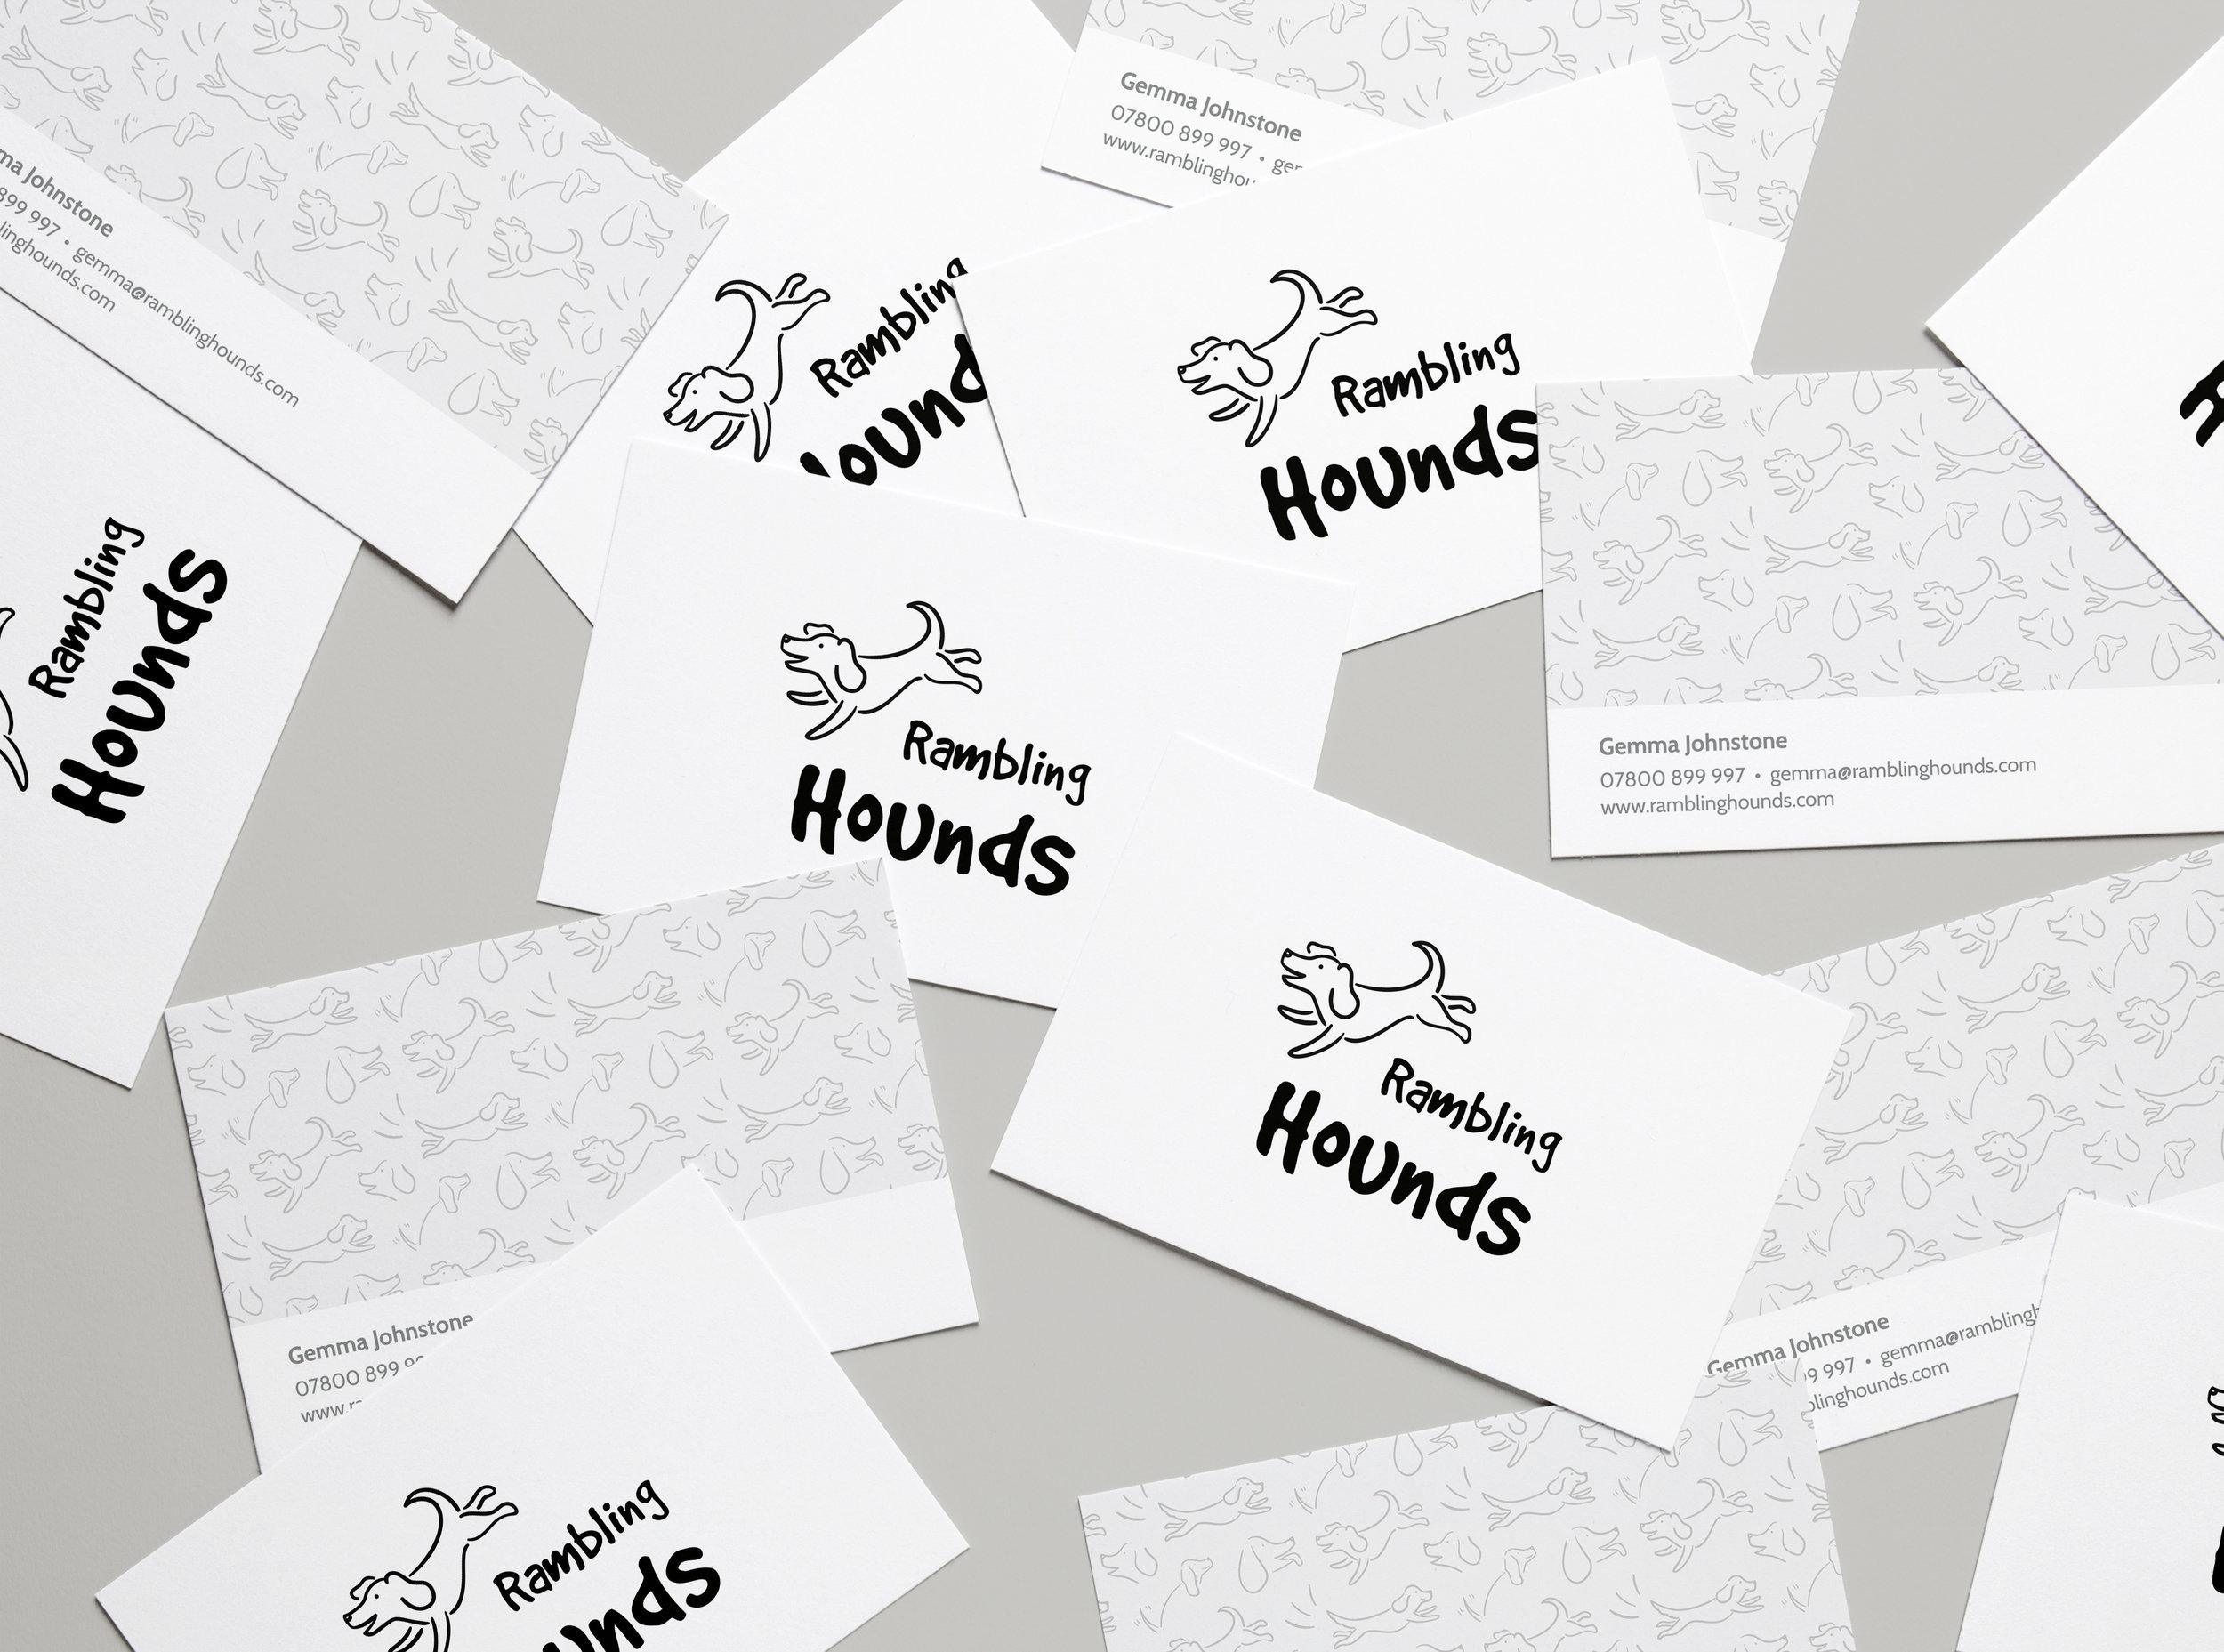 ramblinghounds_businesscard.jpg